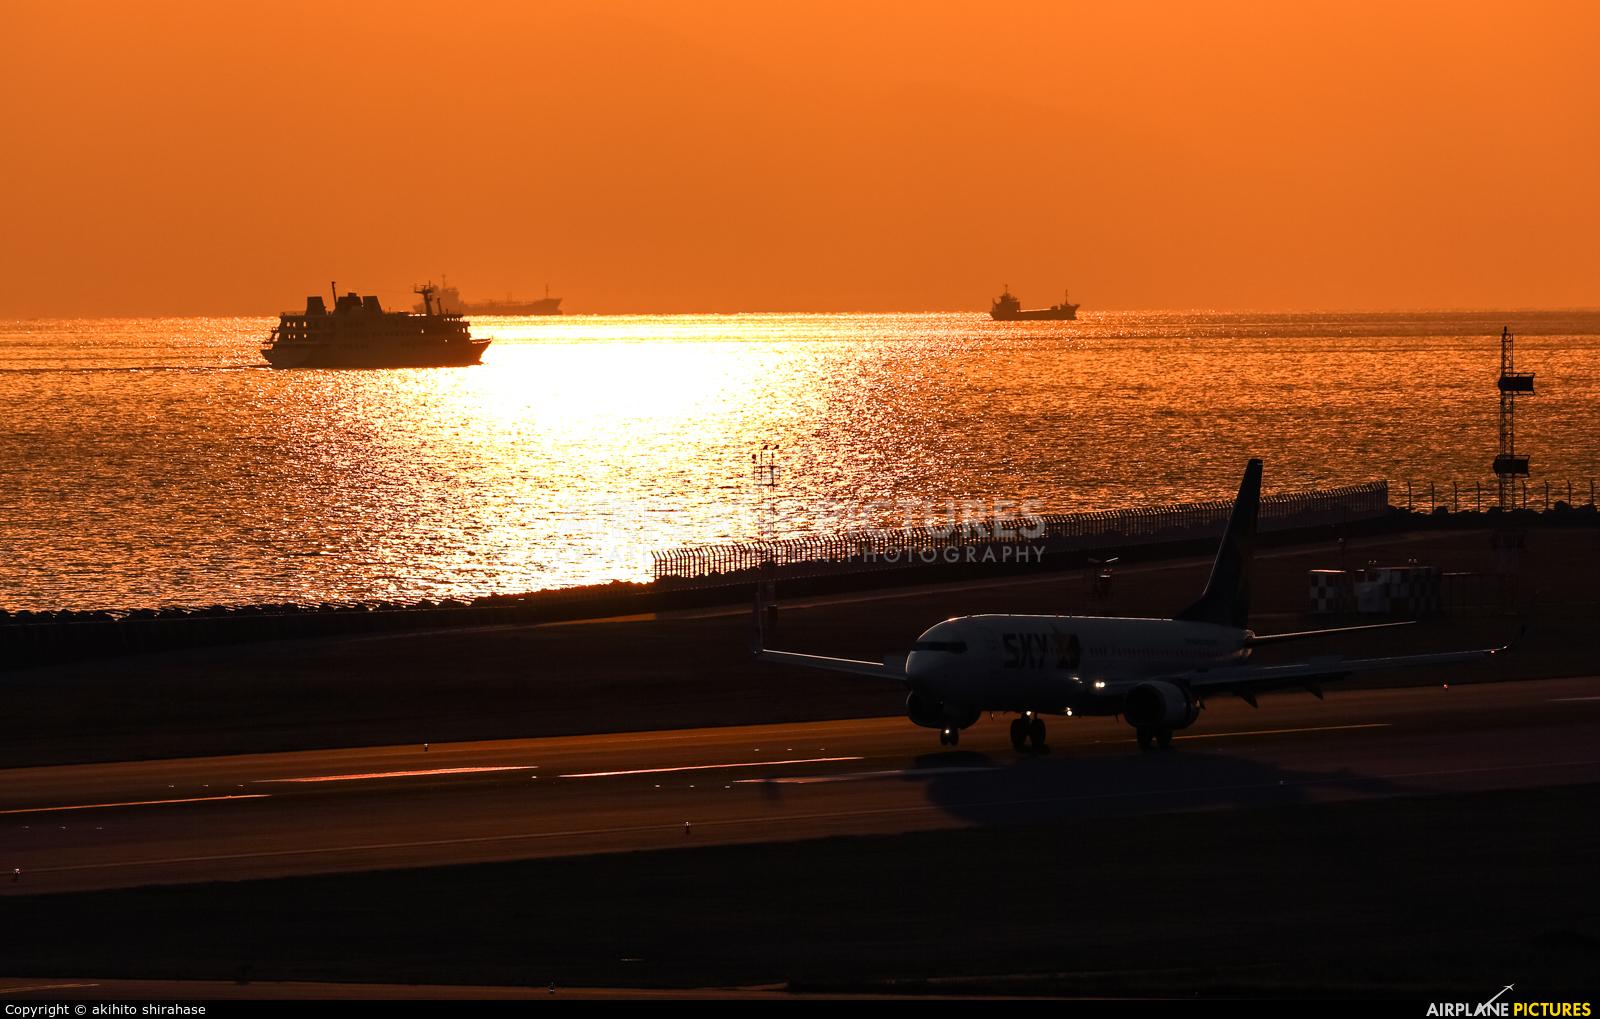 Skymark Airlines JA73NC aircraft at Kobe